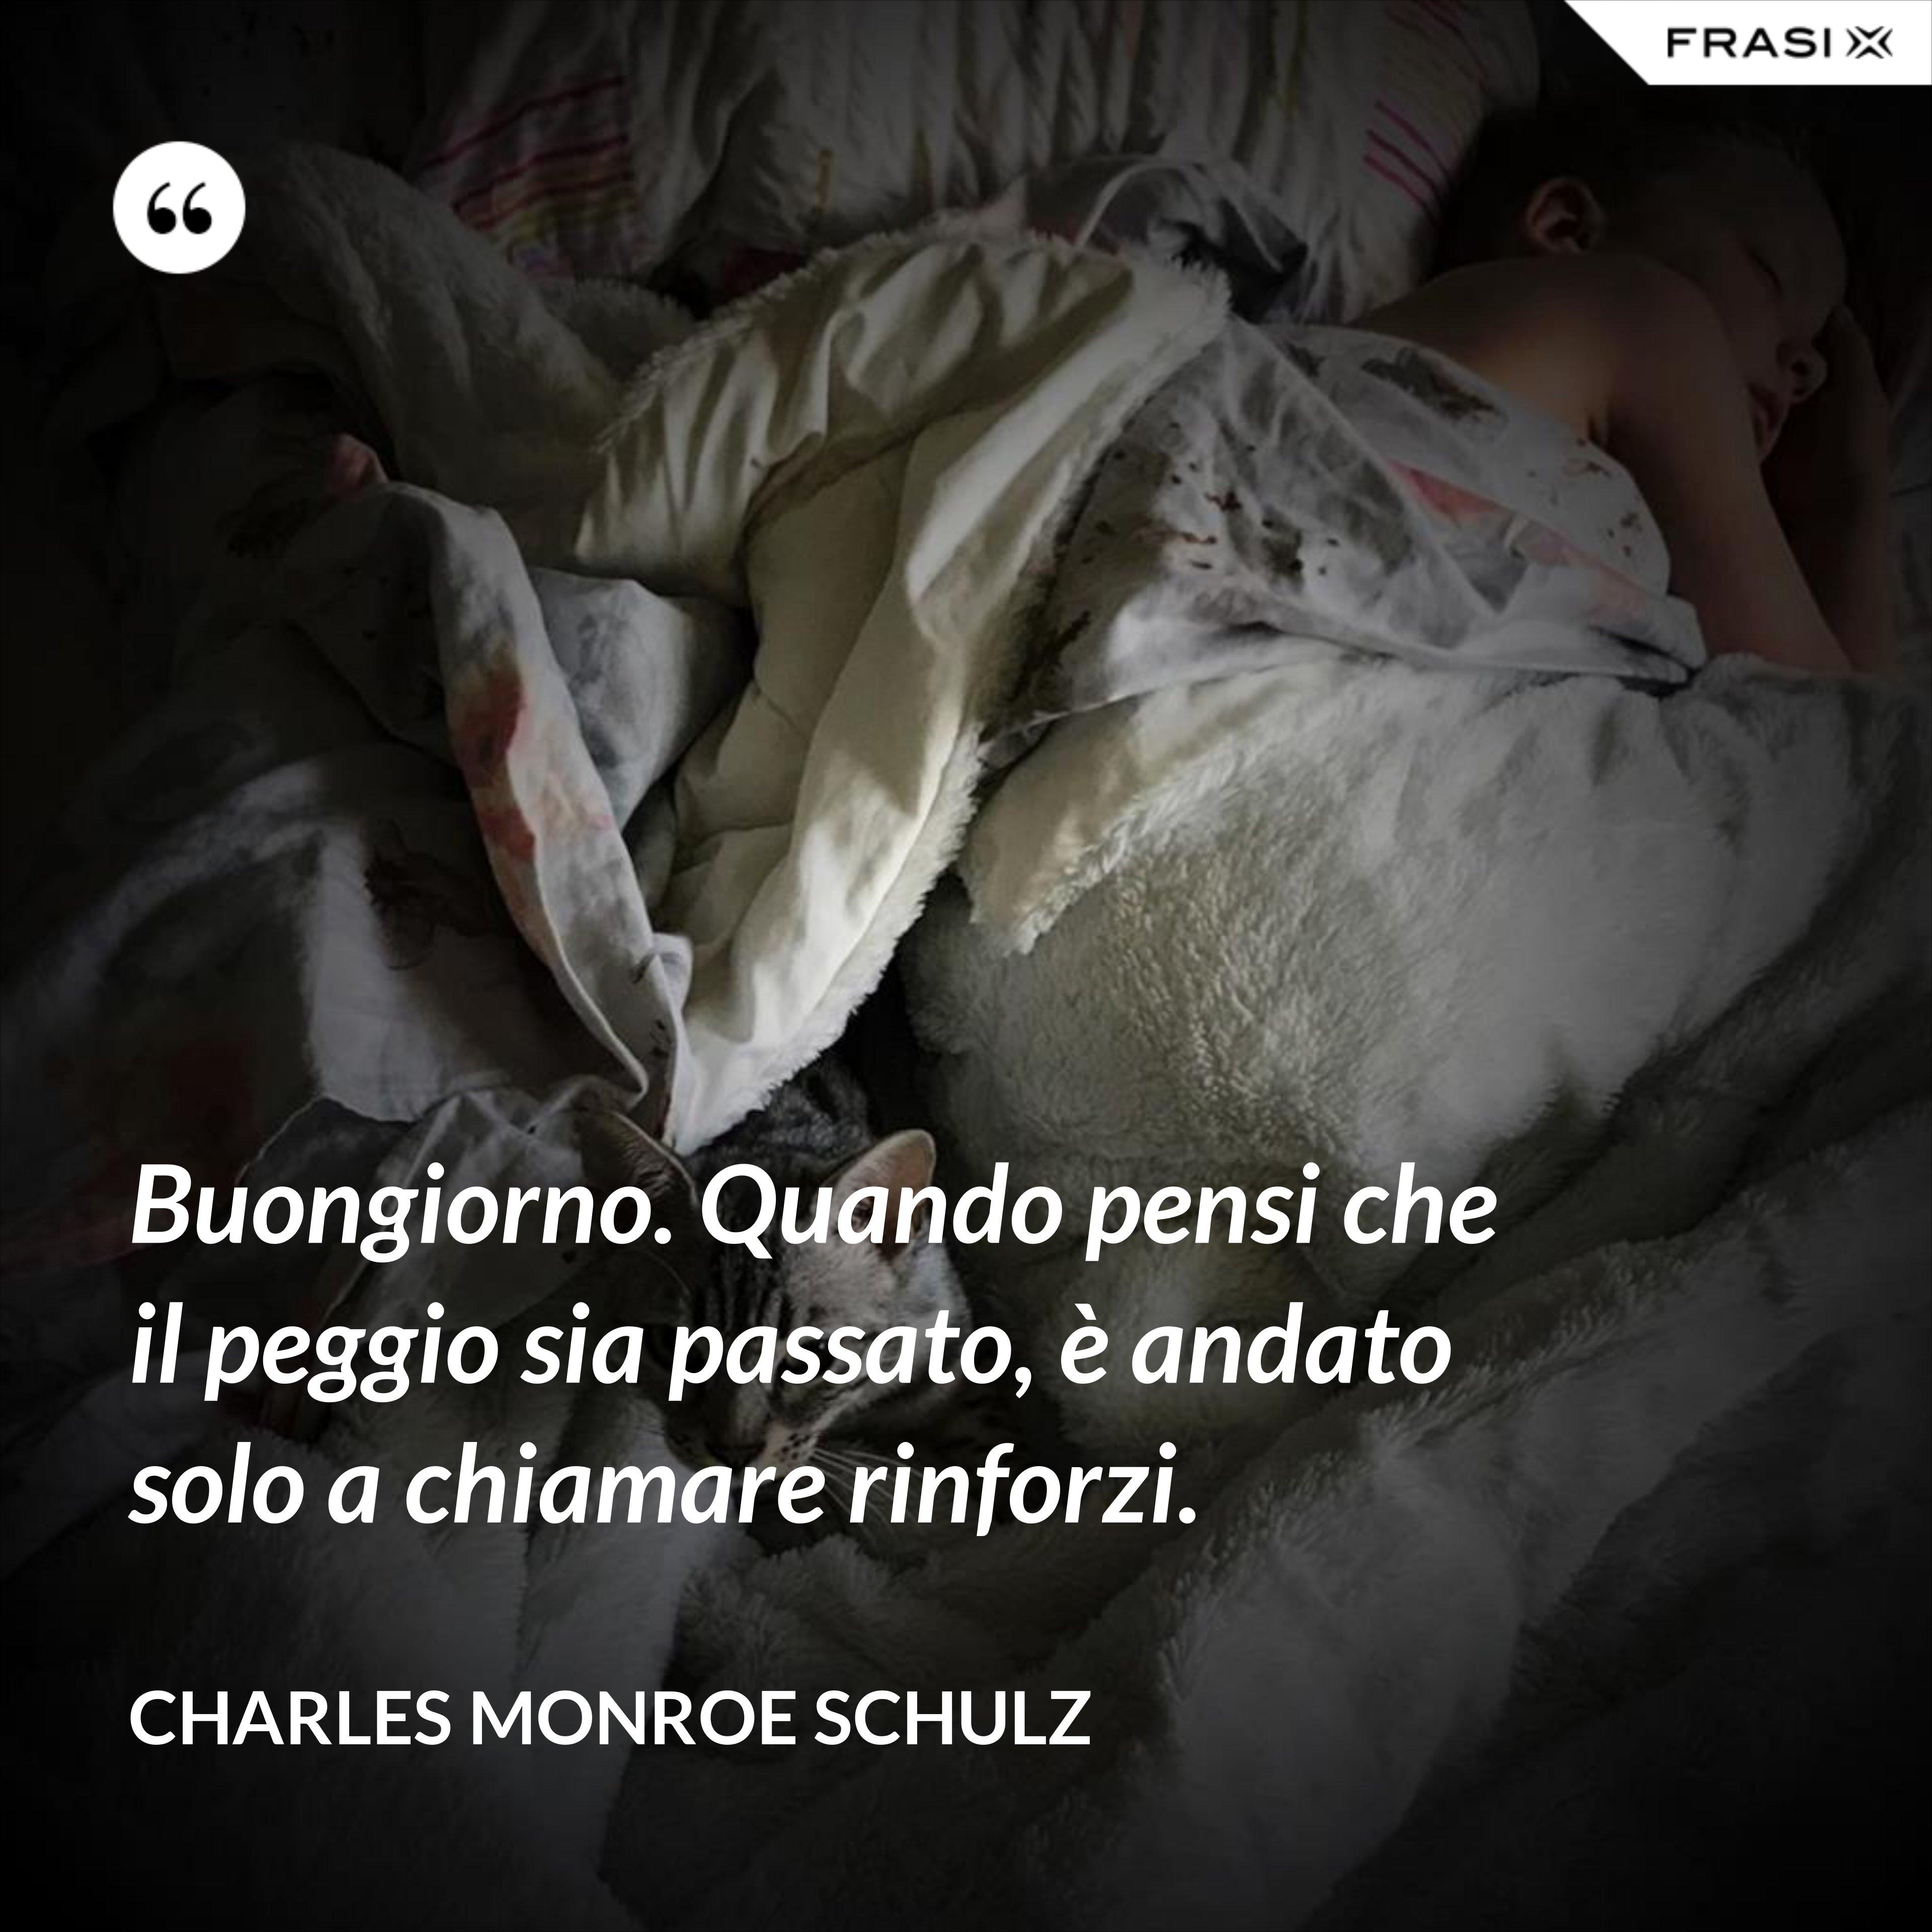 Buongiorno. Quando pensi che il peggio sia passato, è andato solo a chiamare rinforzi. - Charles Monroe Schulz